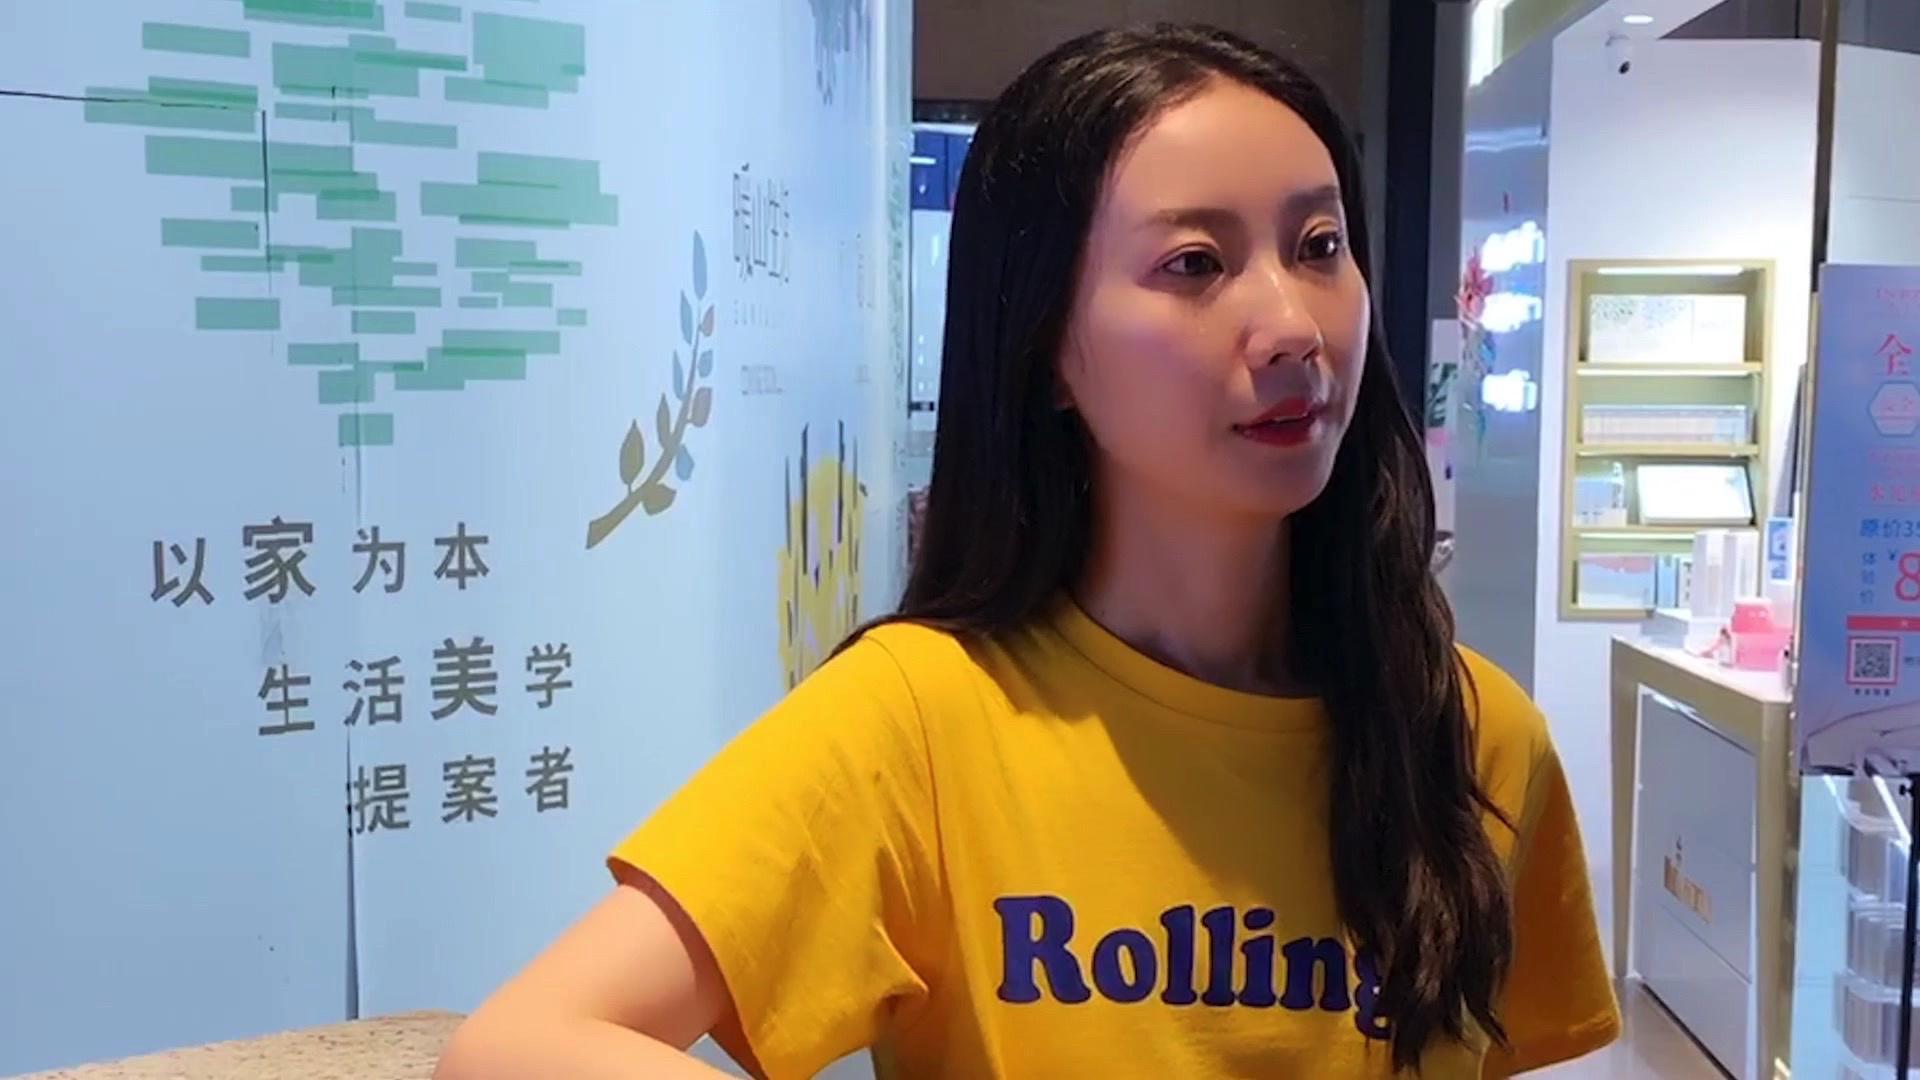 祝晓晗闺蜜:男朋友走丢,姑娘的举动太逗了,商场业务员瞬间懵了